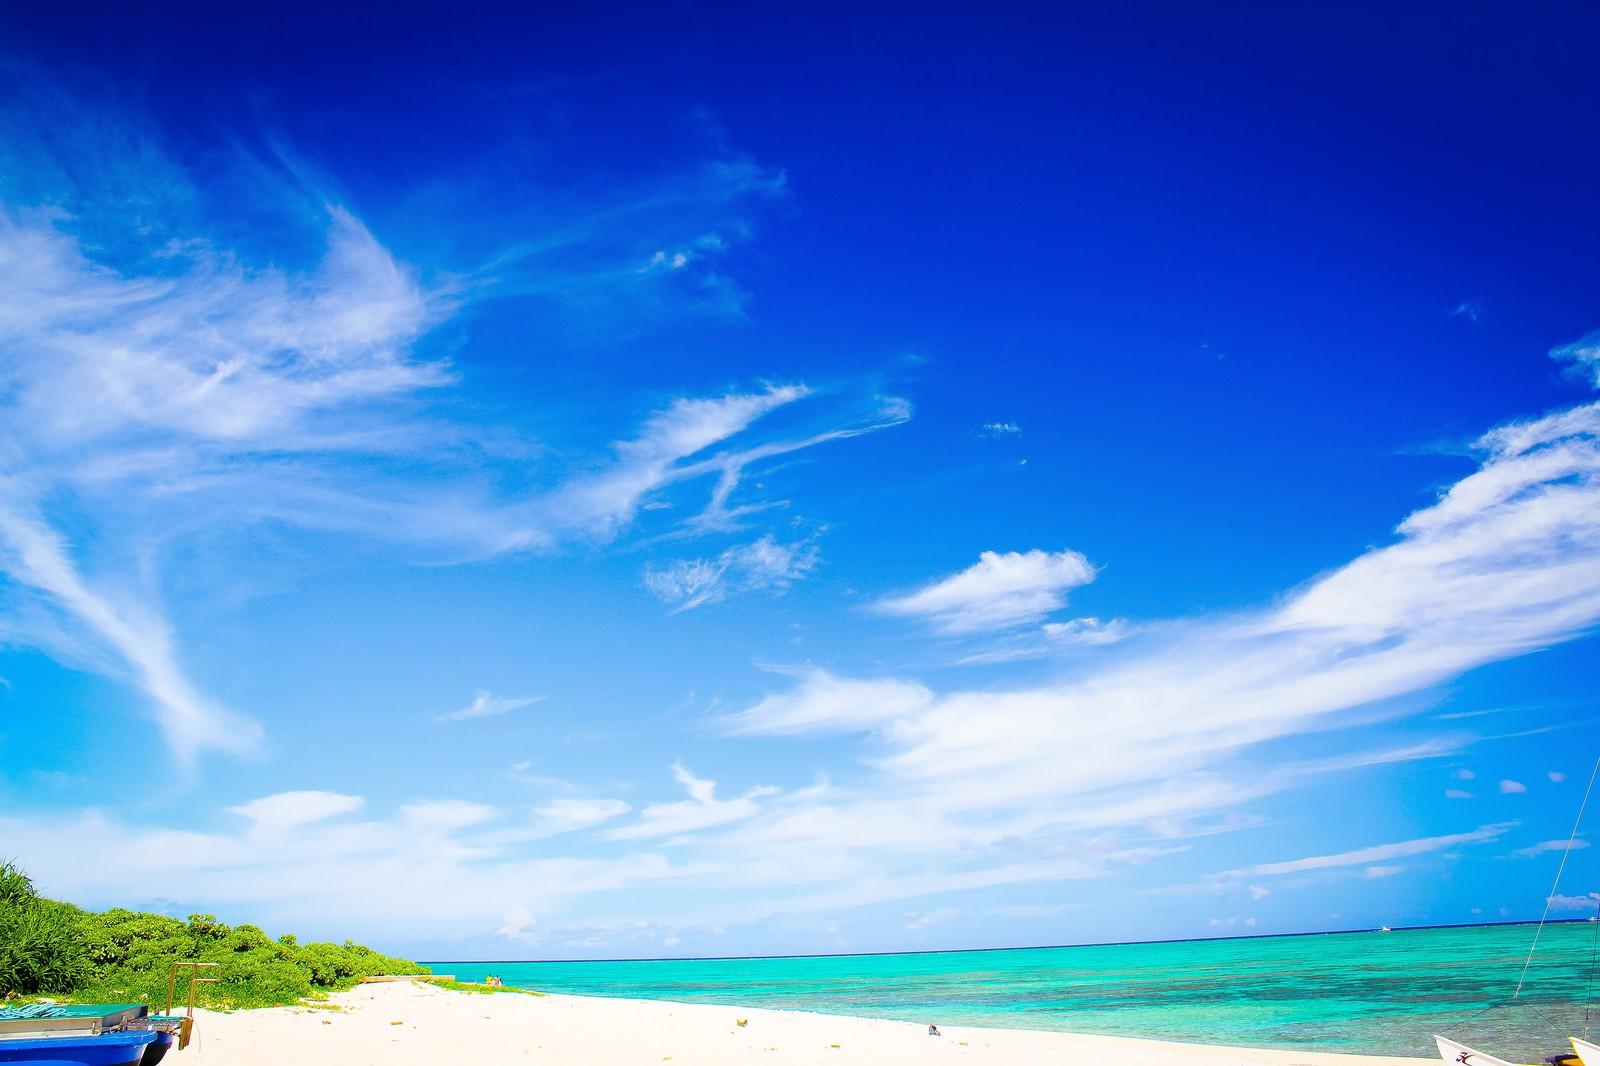 石垣島のビーチ 無料の写真素材はフリー素材のぱくたそ